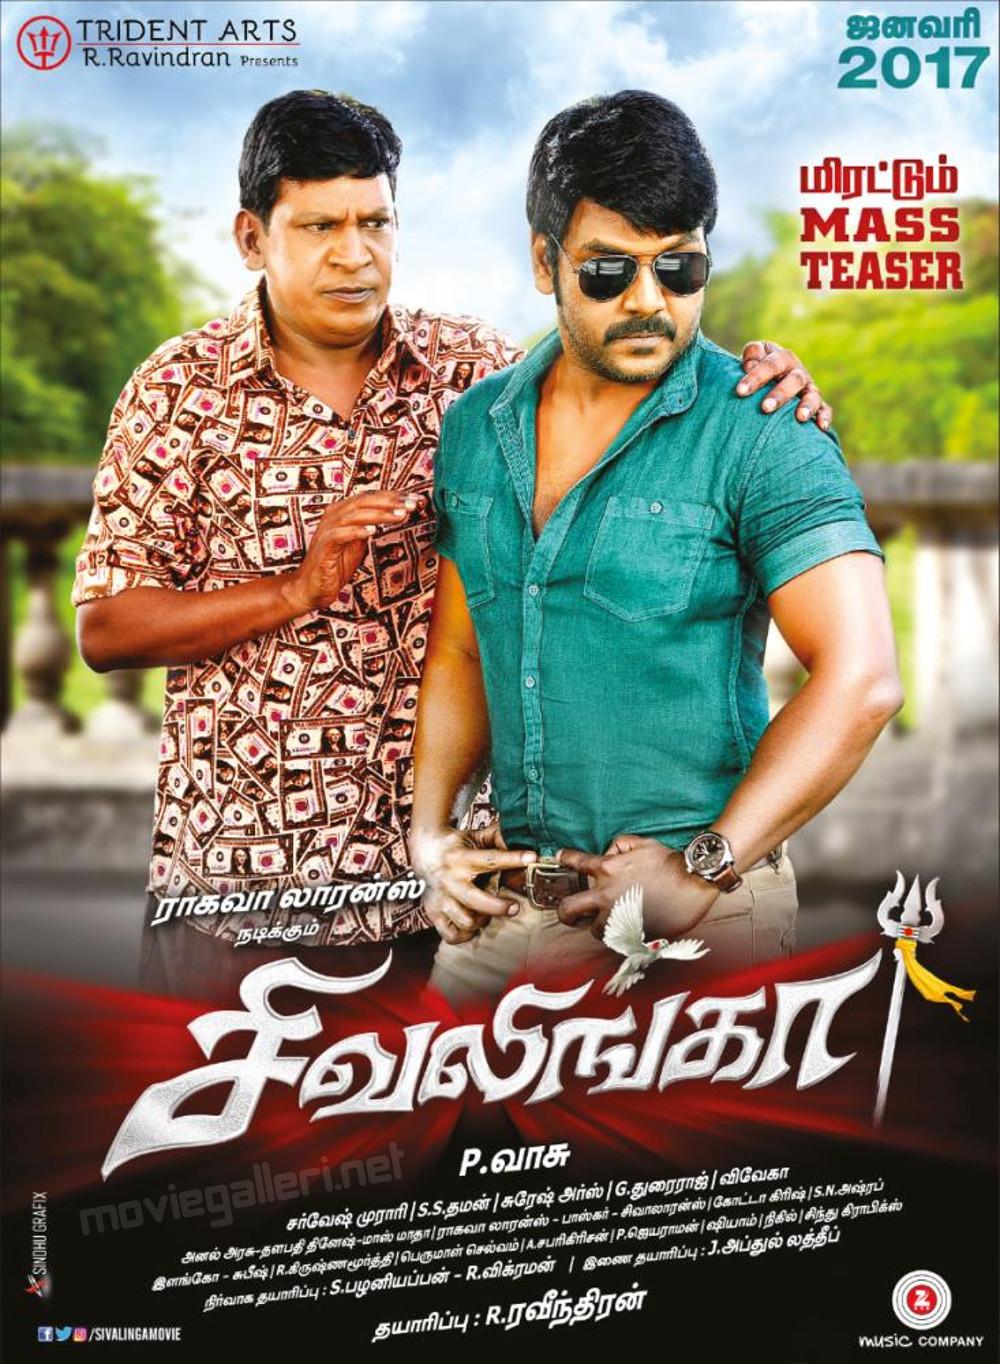 Vadivelu & Raghava Lawrence in Sivalinga Movie Poster